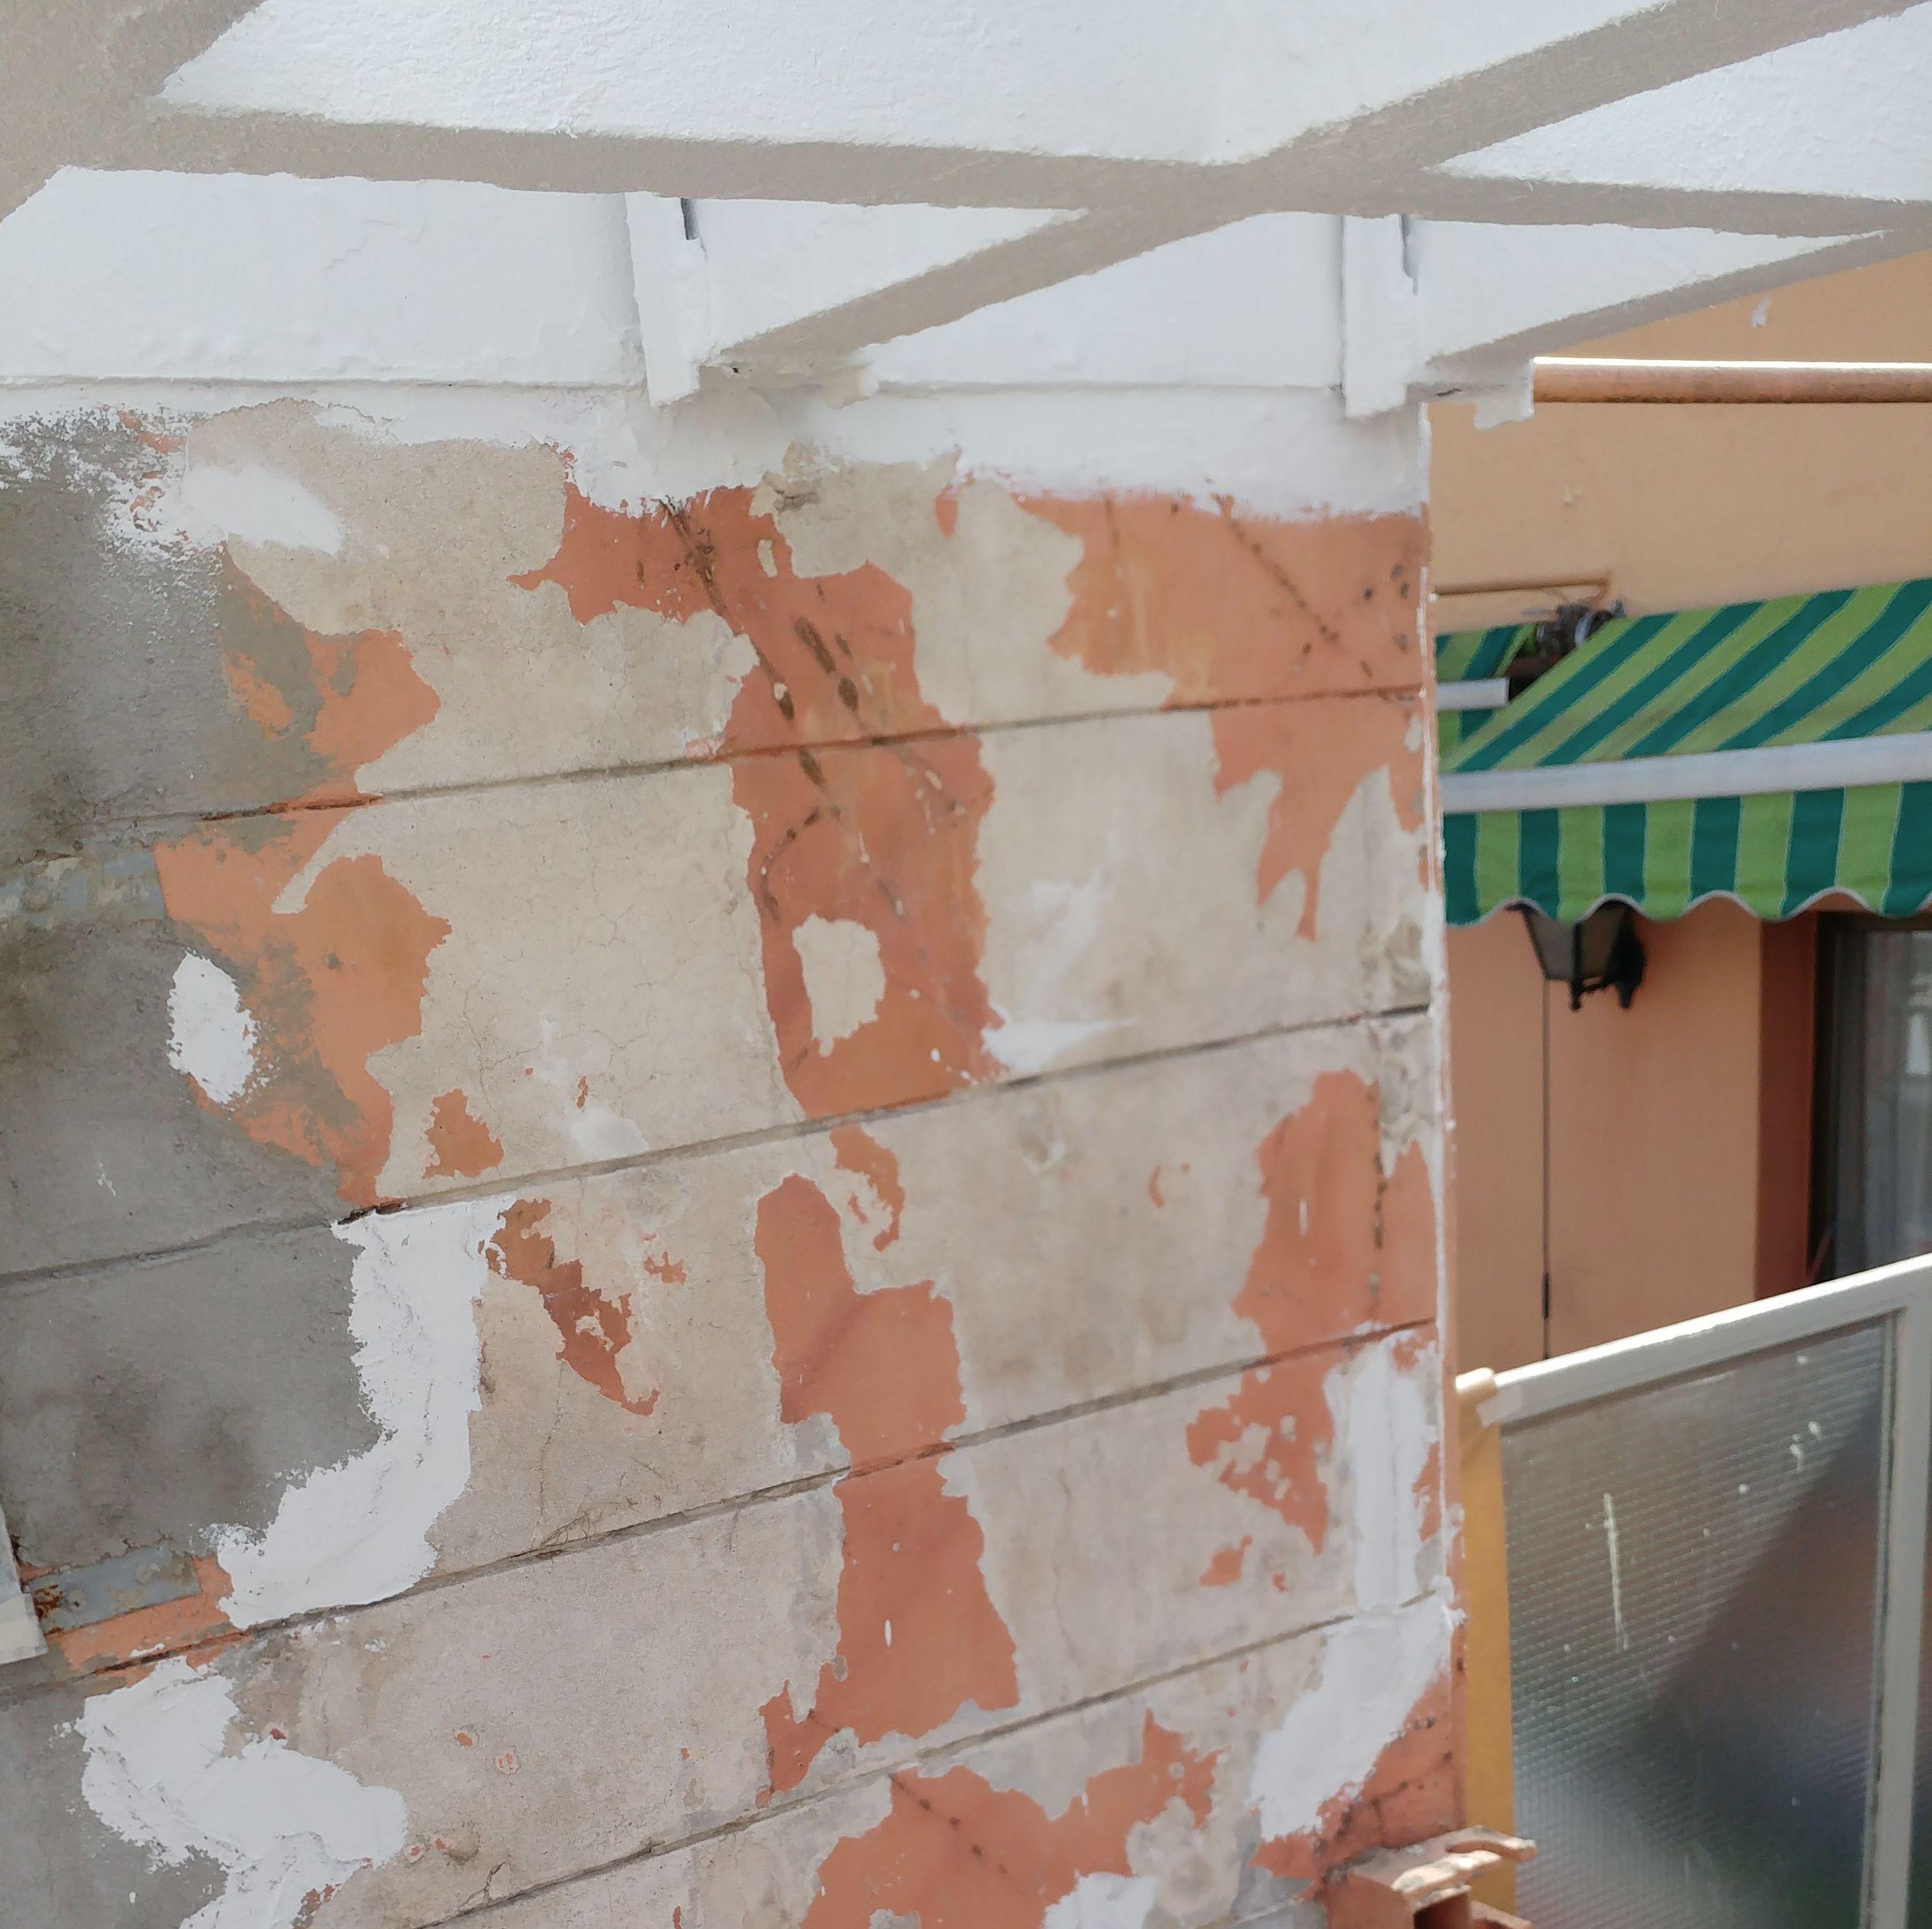 Estado de las pérgolas en un hotel del centro de Valladolid antes de su rehabilitación